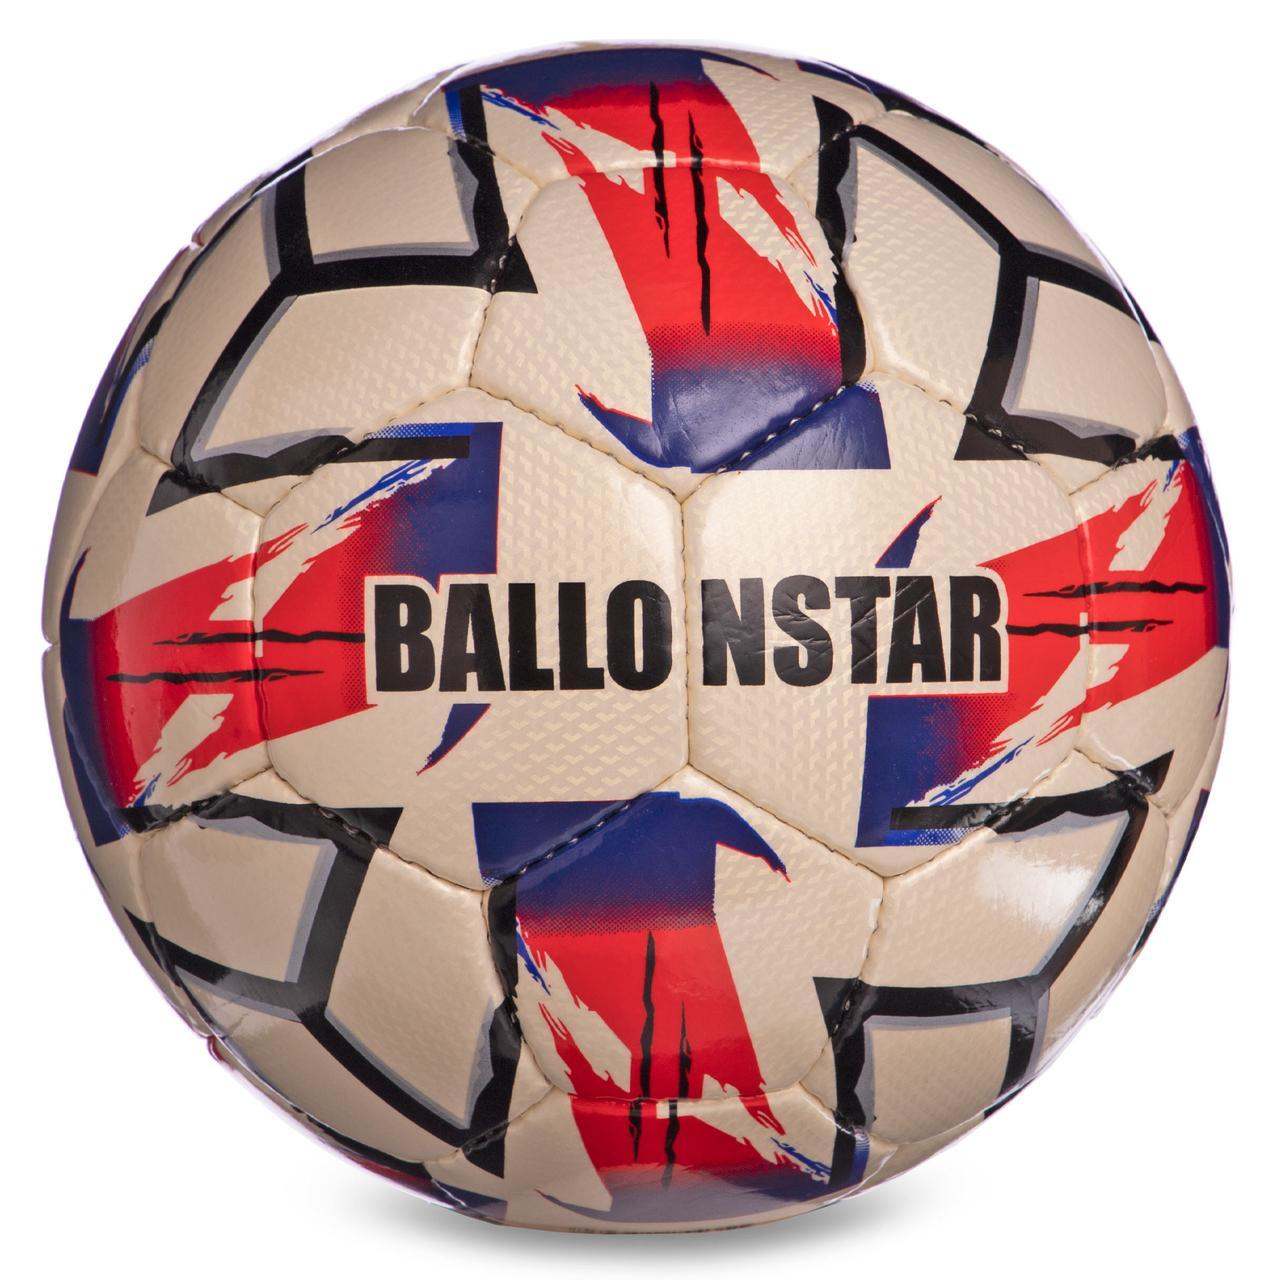 М'яч футбольний 5 розмір CRYSTAL BALLONSTAR біло-чорно-червоний FB-2364